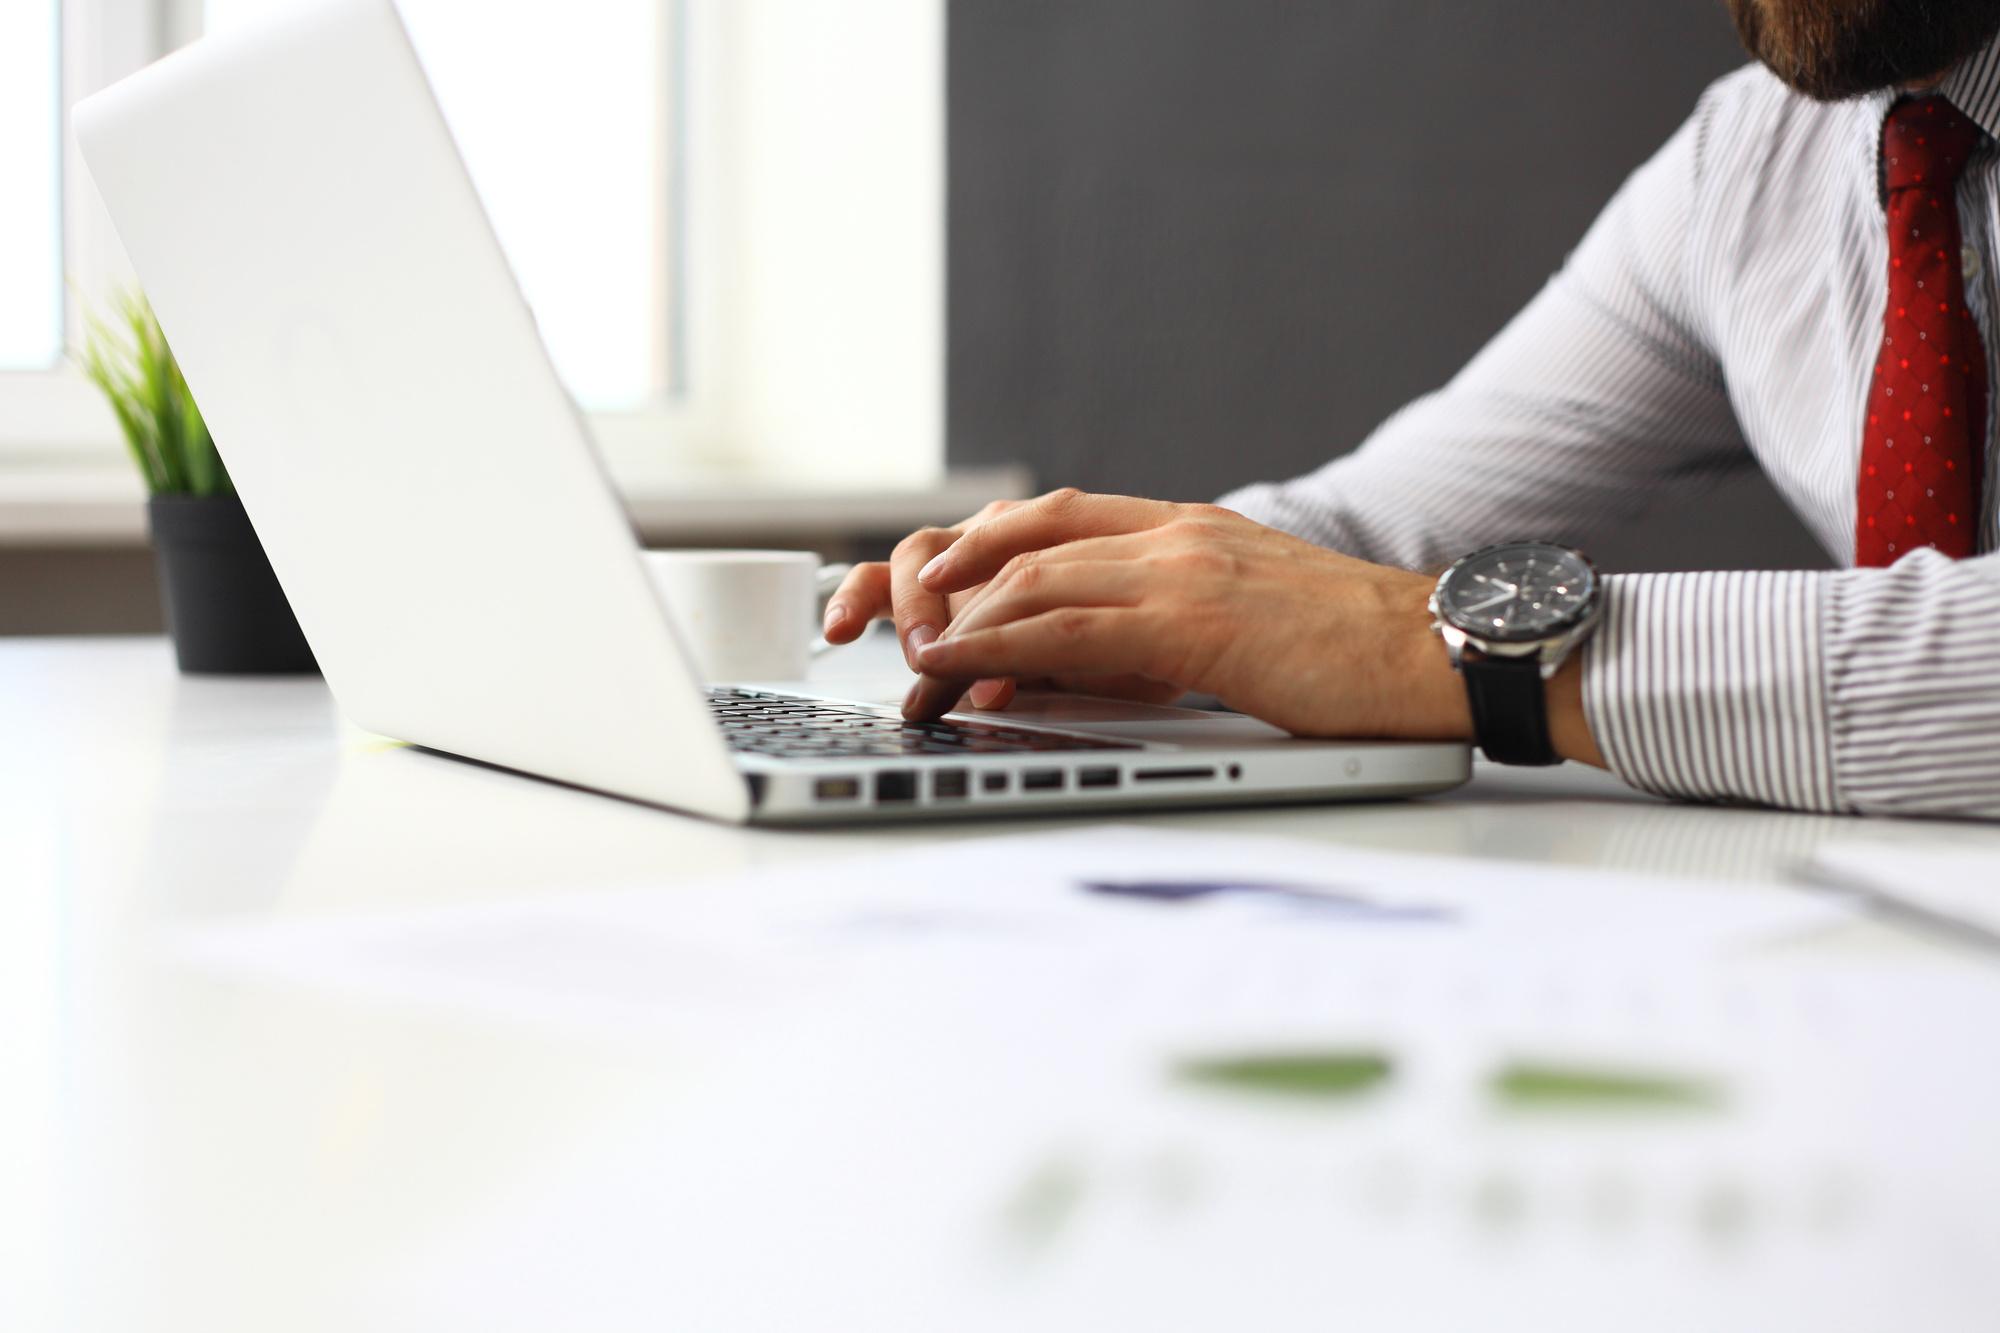 choosing business software